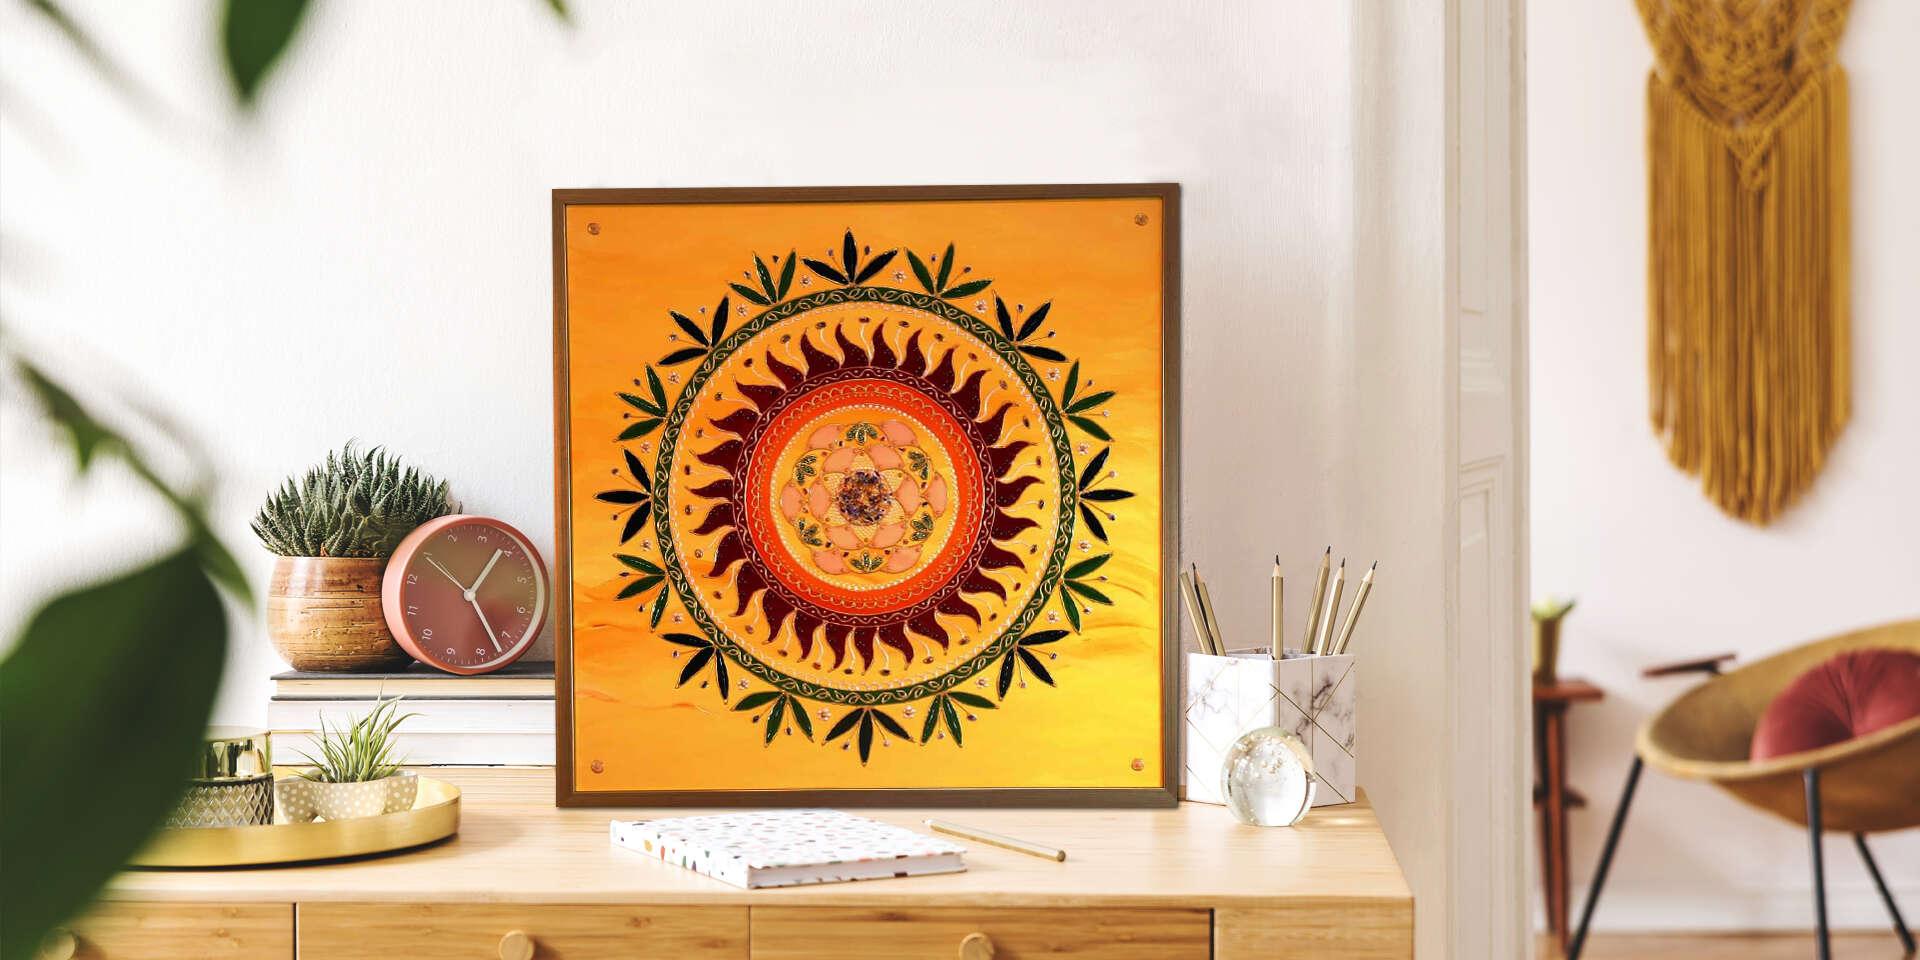 Ručne vytvorená mandala od Ľuba Slejzáka – vzácne dielo pre váš domov